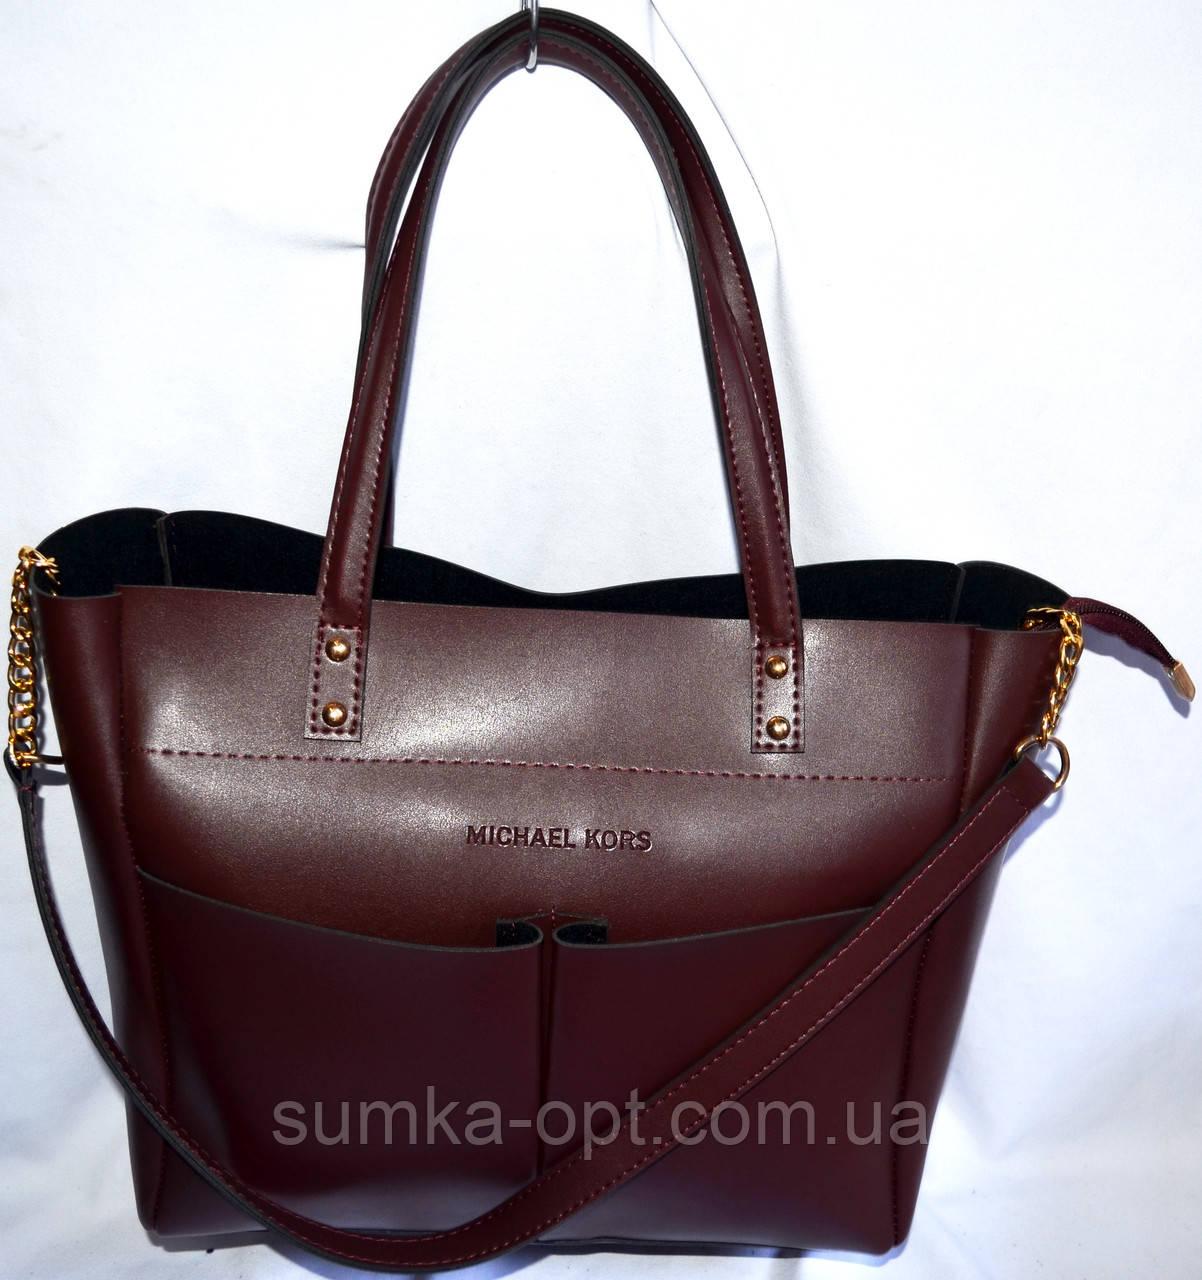 209e7efd537f Женские модные сумки с длинным ремешком МК (бордо эко кожа)28*31см ...